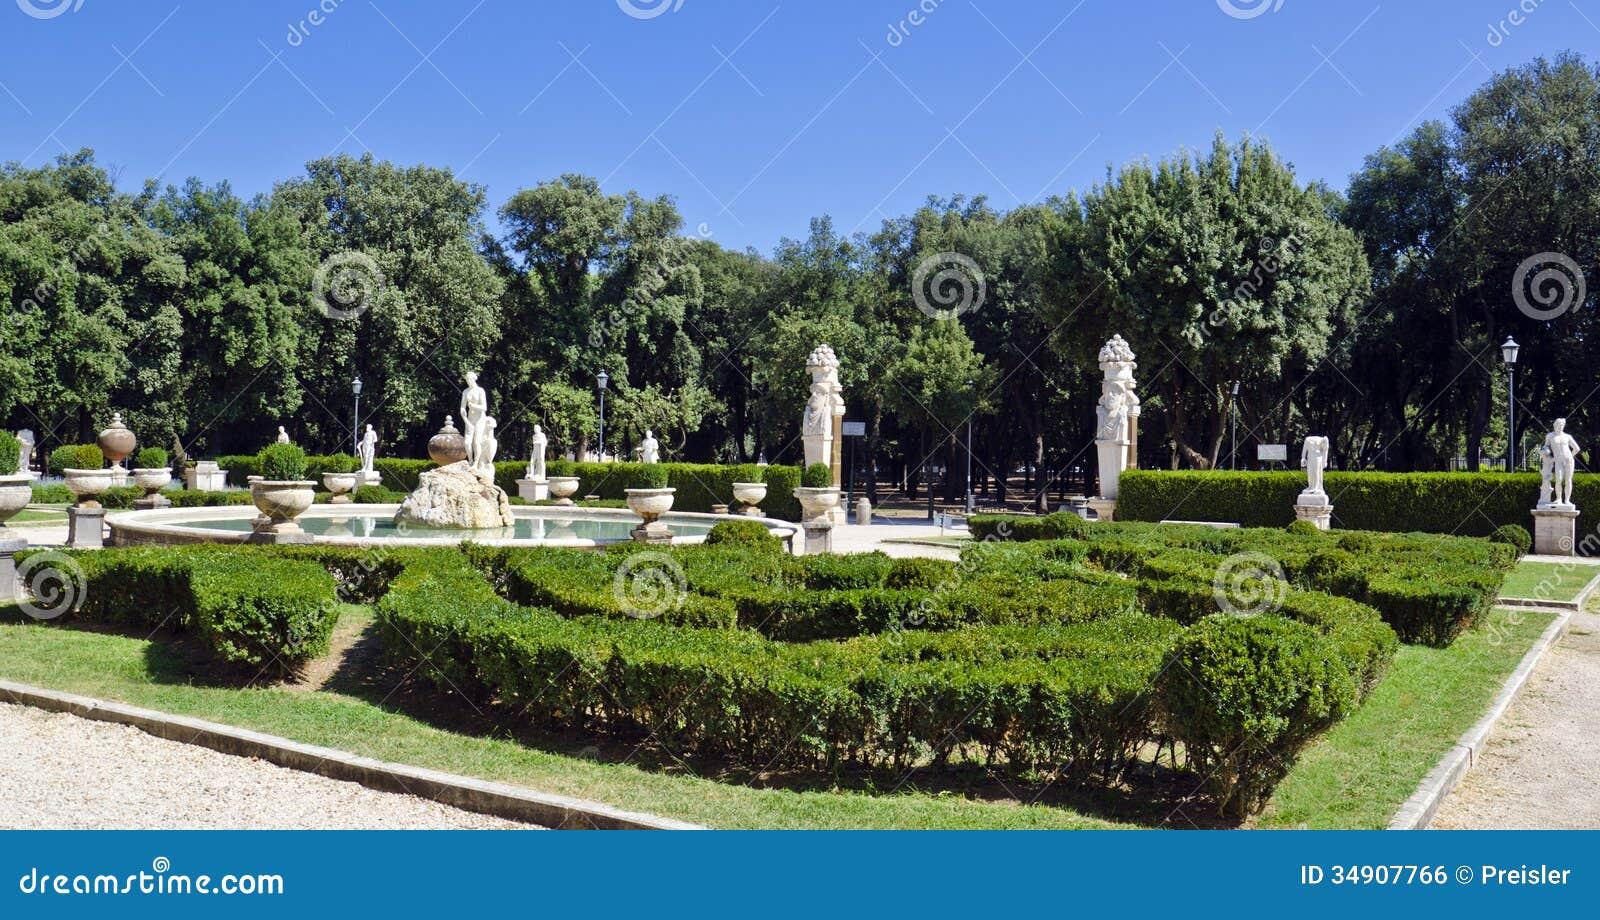 Jardin de v nus villa borghese image libre de droits for Le jardin de venus x